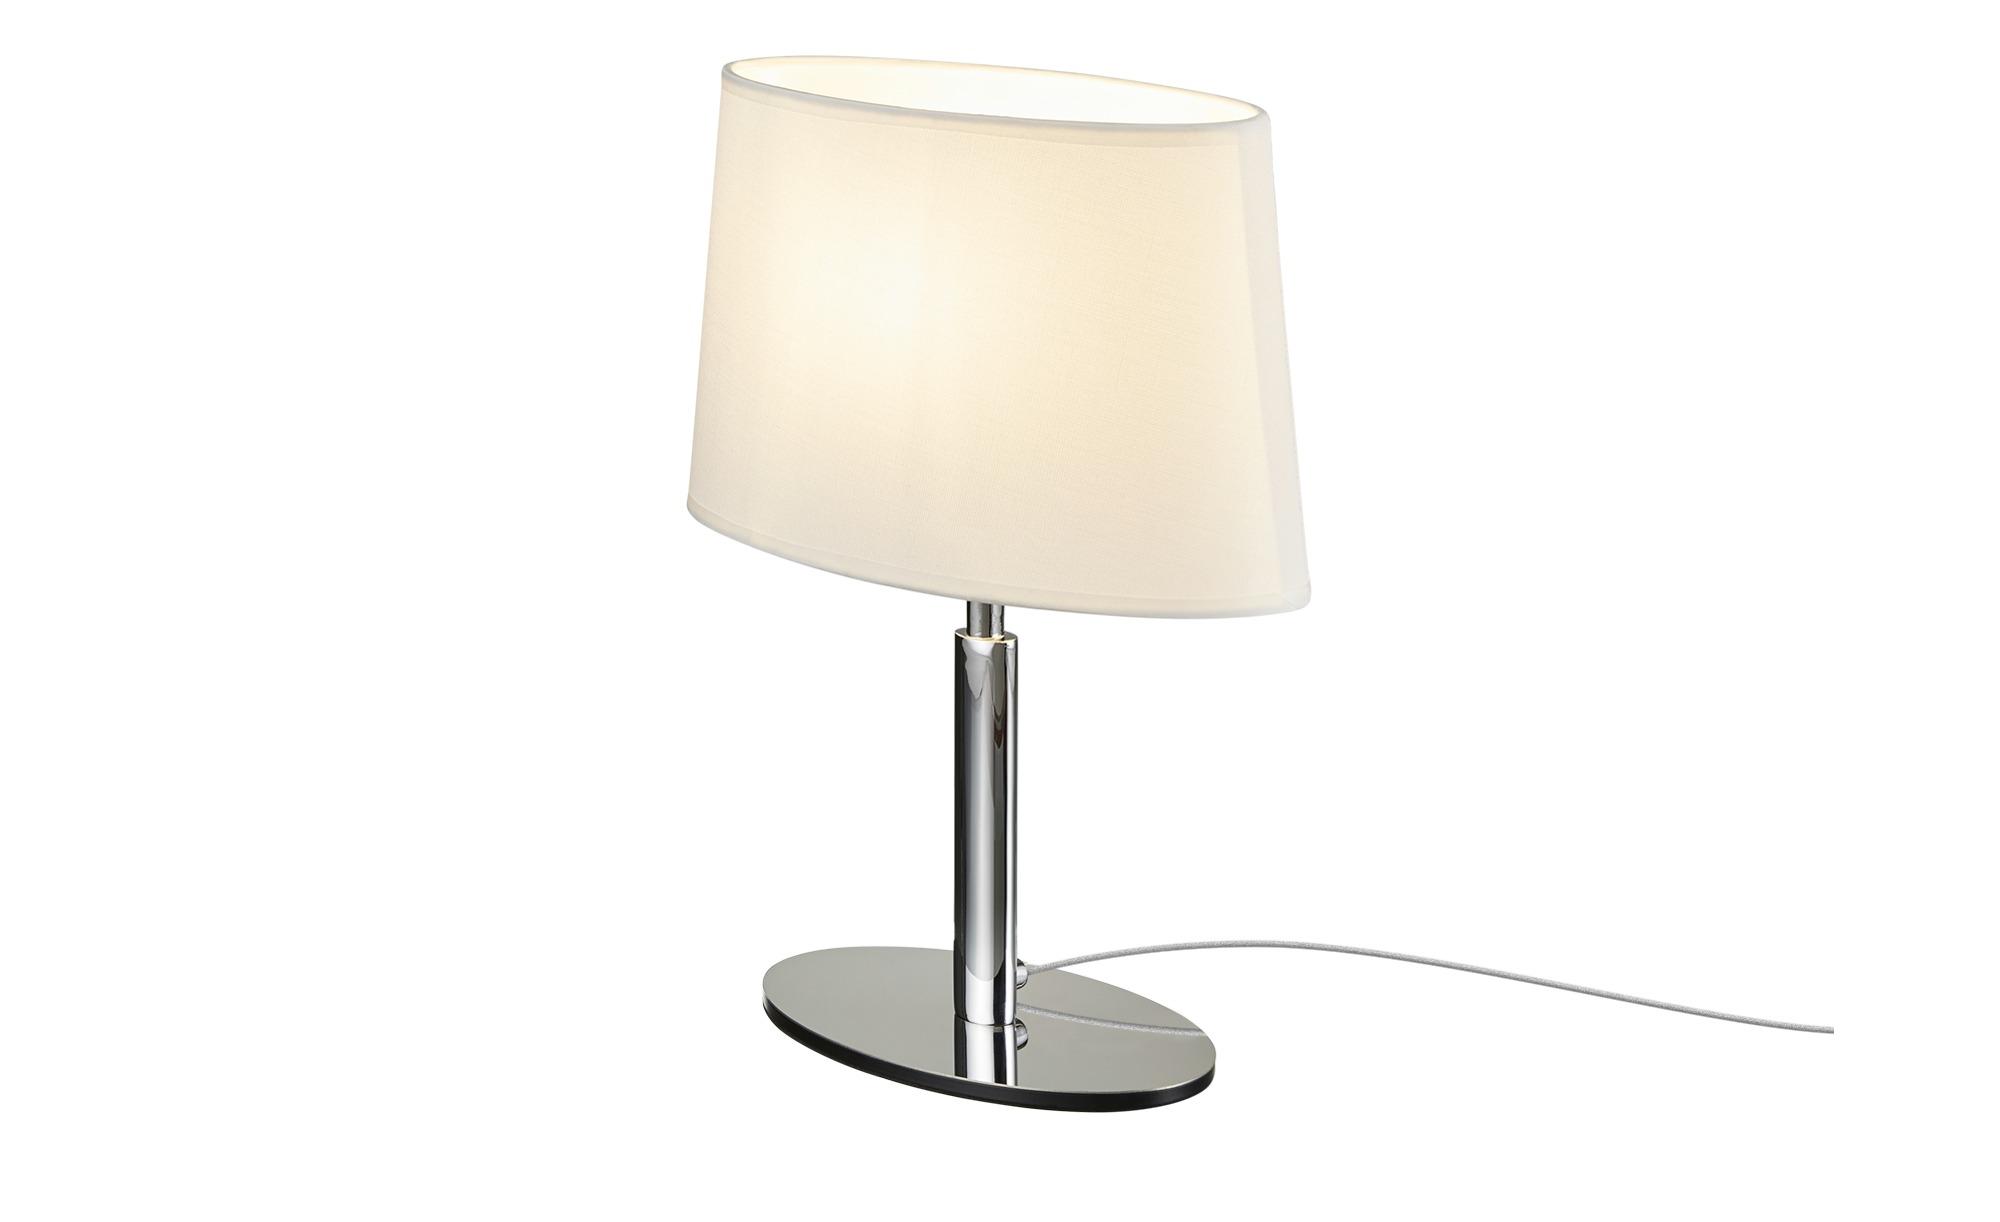 Meisterleuchten Tischleuchte, 1-flammig ¦ silber ¦ Maße (cm): B: 15 H: 38 Lampen & Leuchten > Innenleuchten > Tischlampen - Höffner